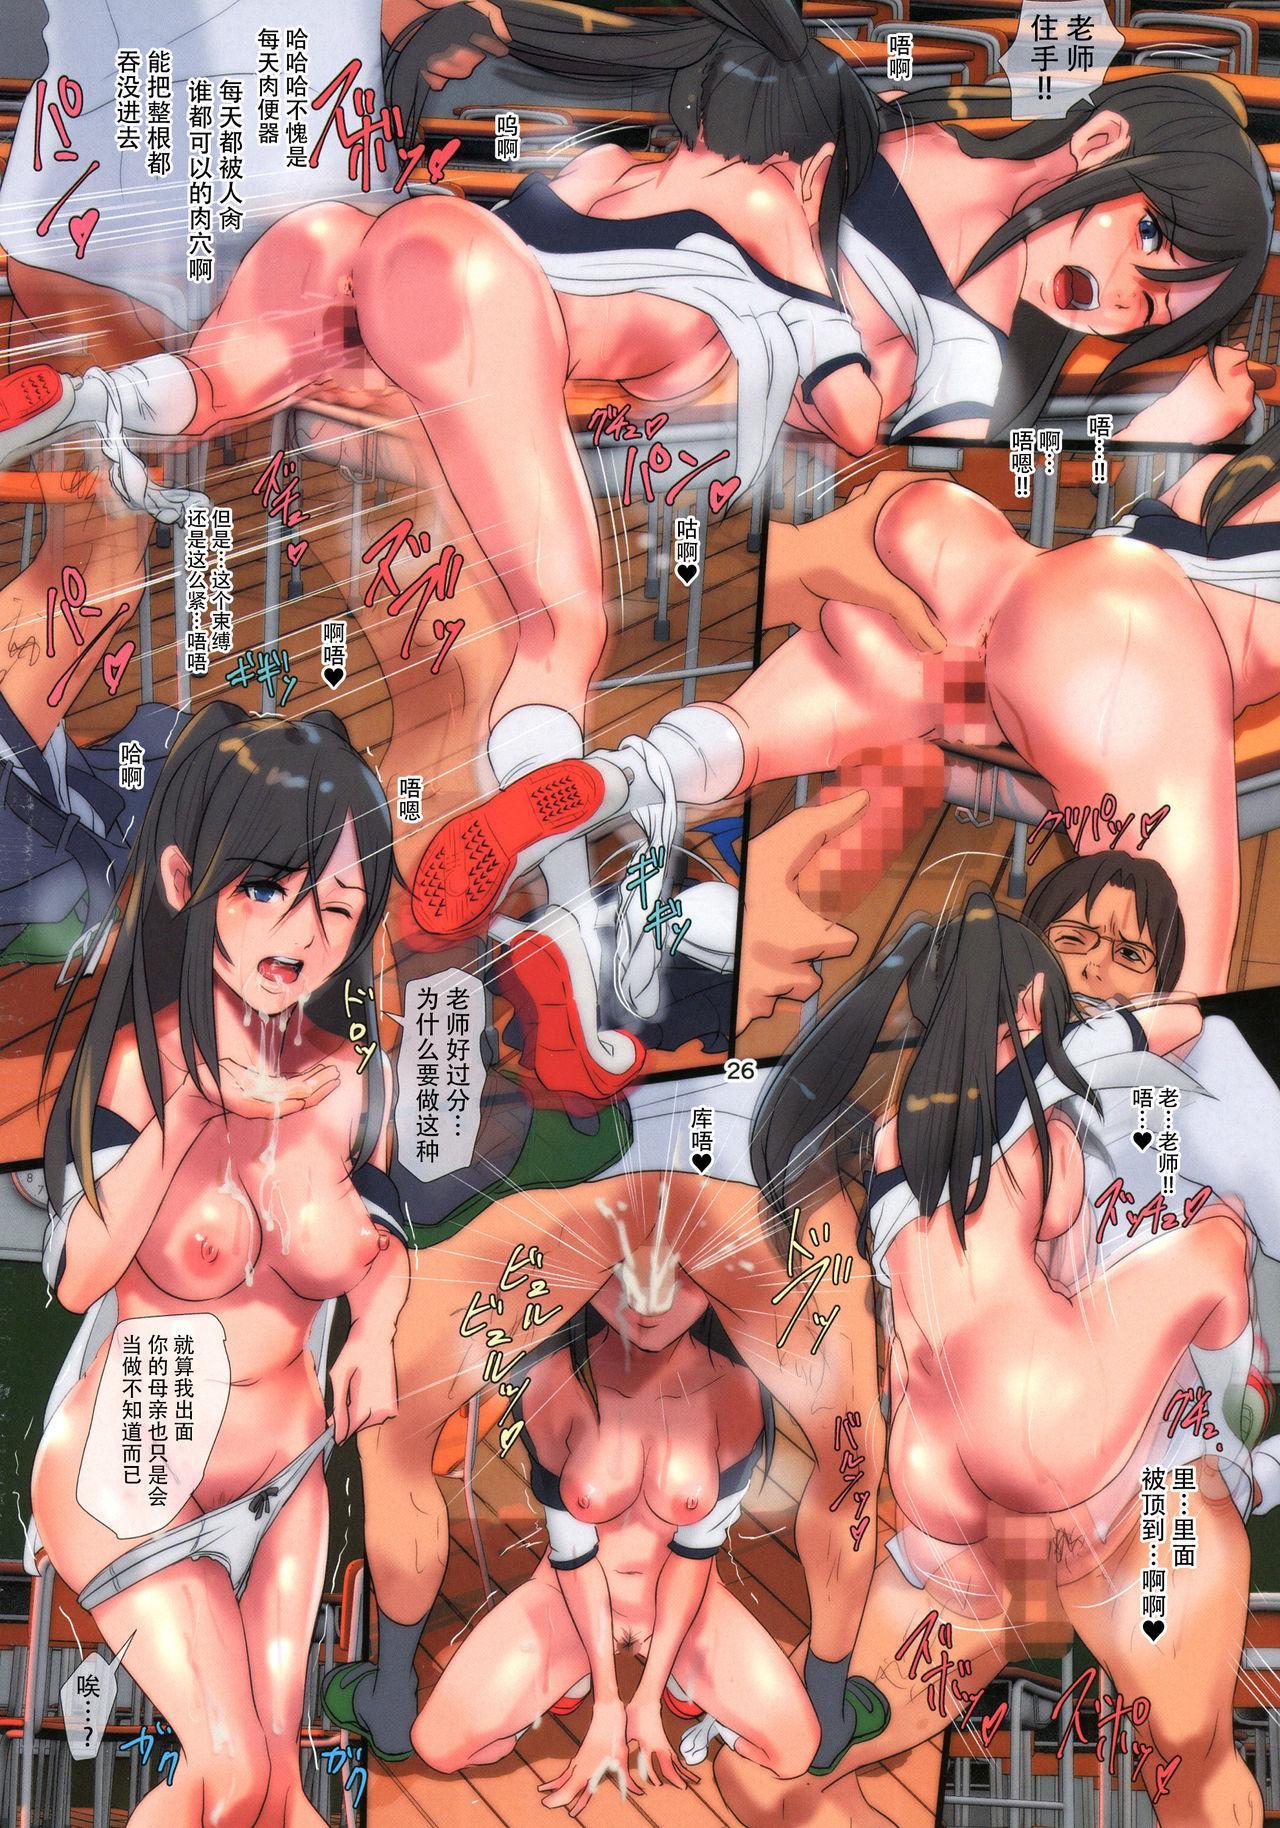 SinMother Bitch no Reika-chan Jo 25